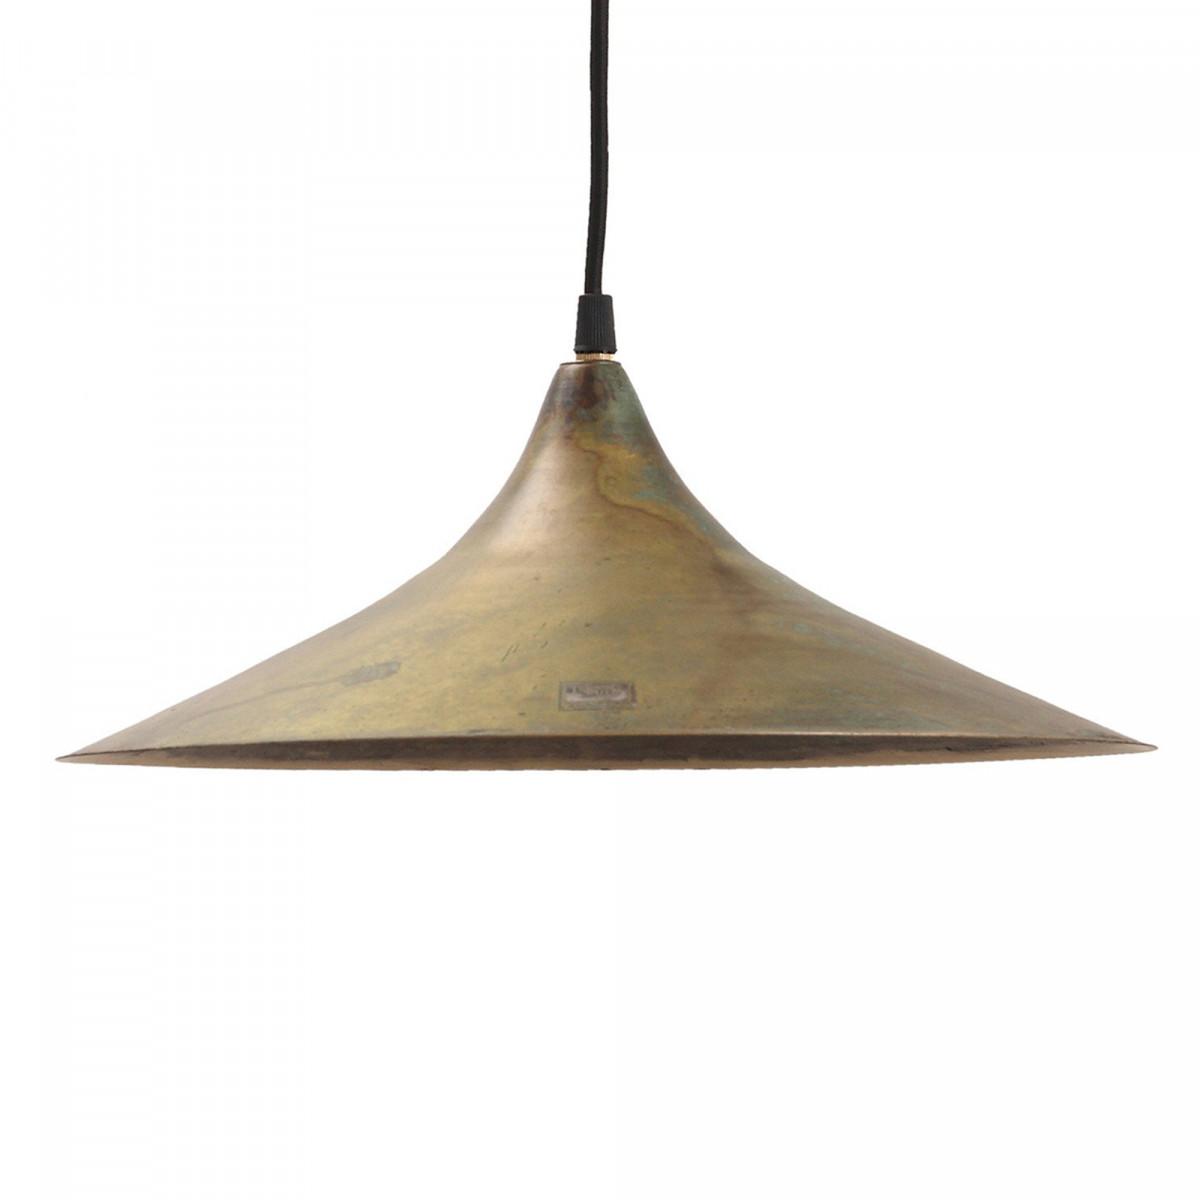 Hanglamp Duncan gold 2tone iron